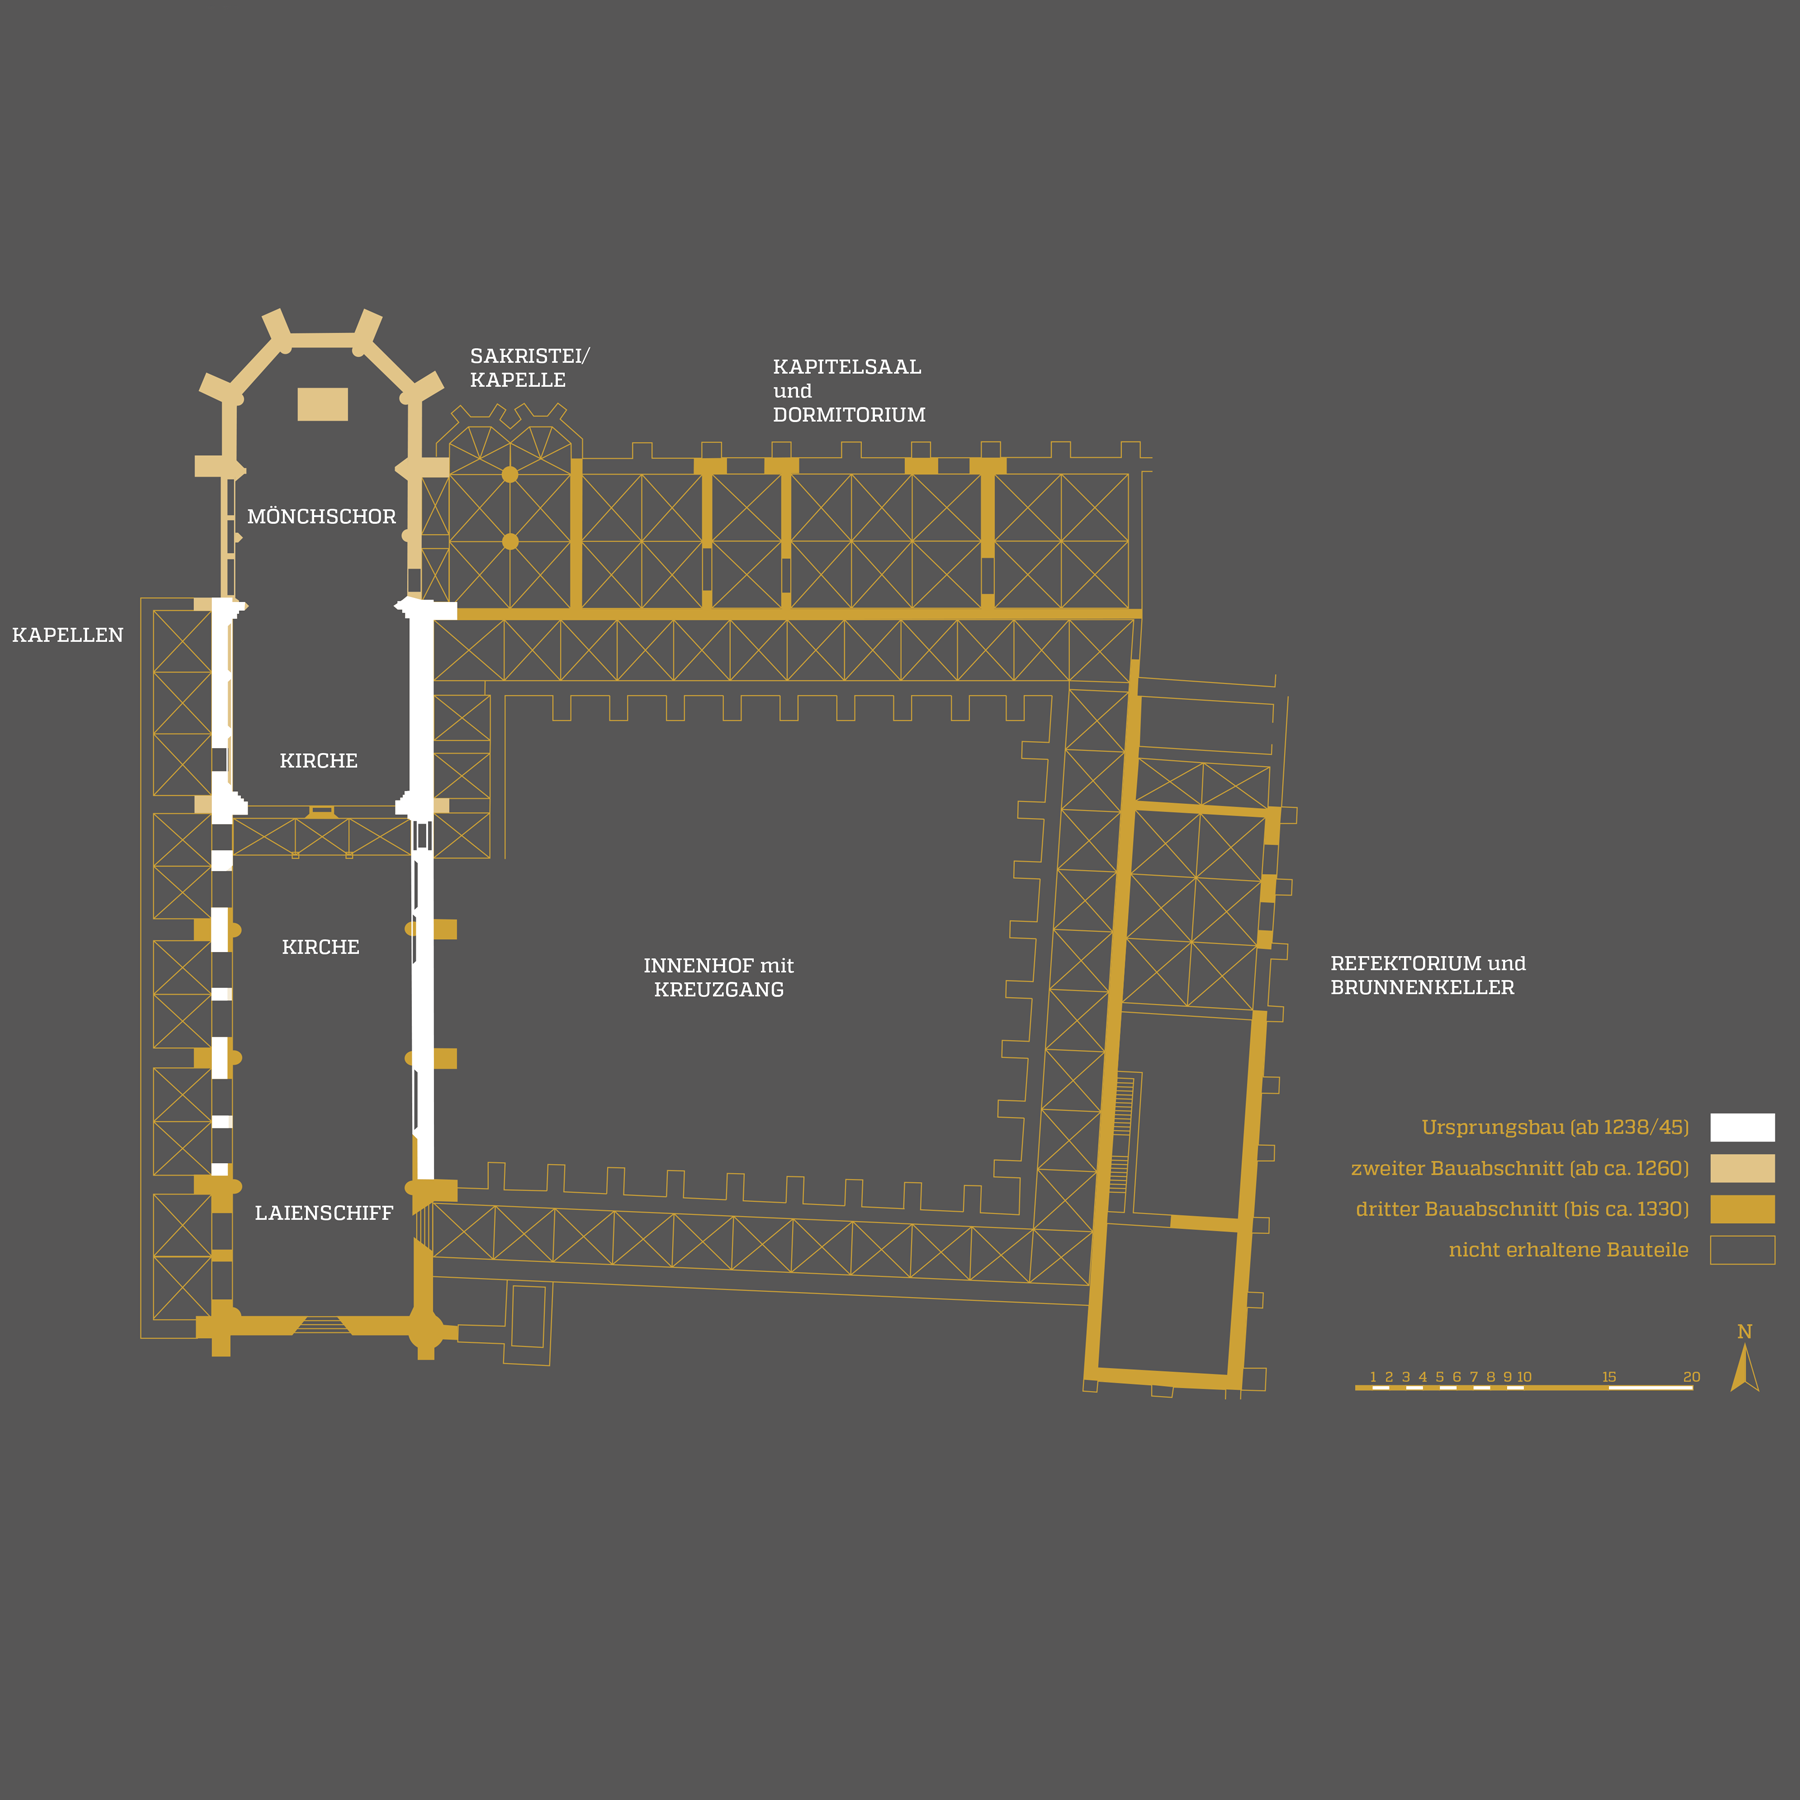 La Deutsche Vita - Grafik Infosäule Kloster Cismar Landesmuseen Schleswig-Holstein